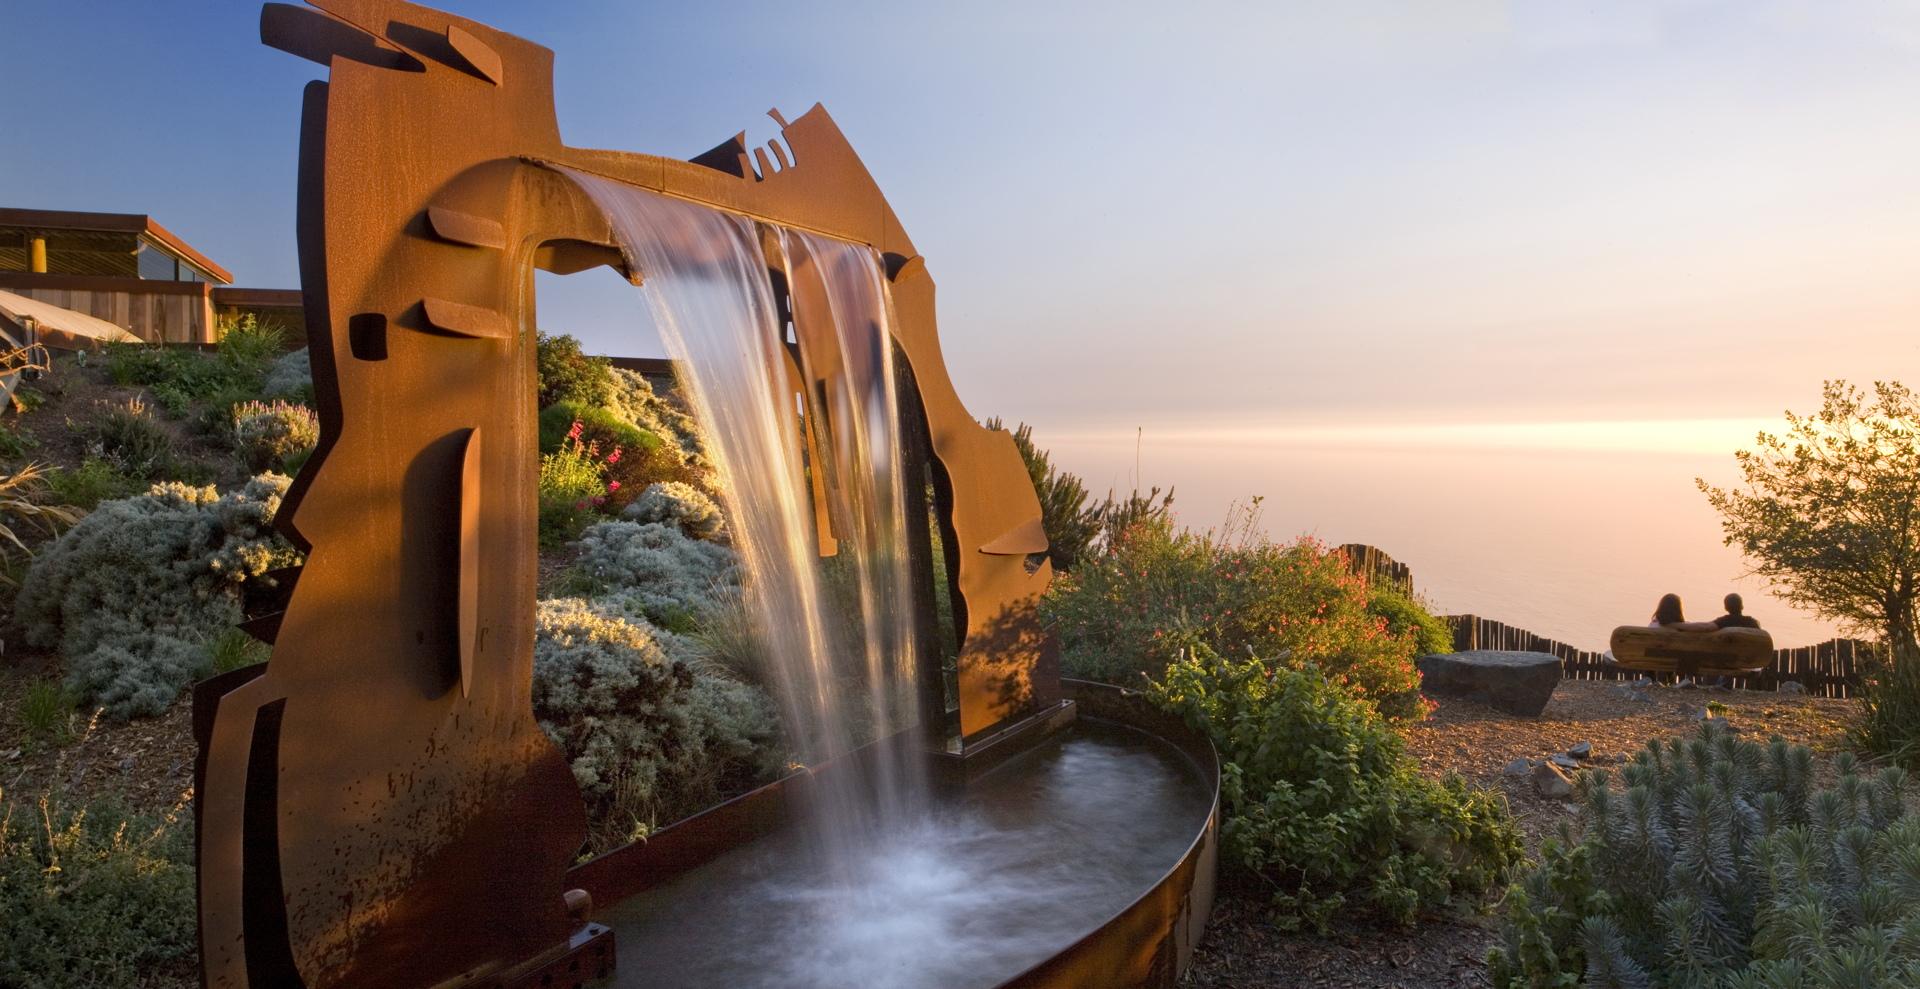 Post Ranch un soggiorno green in California   Livegreenblog